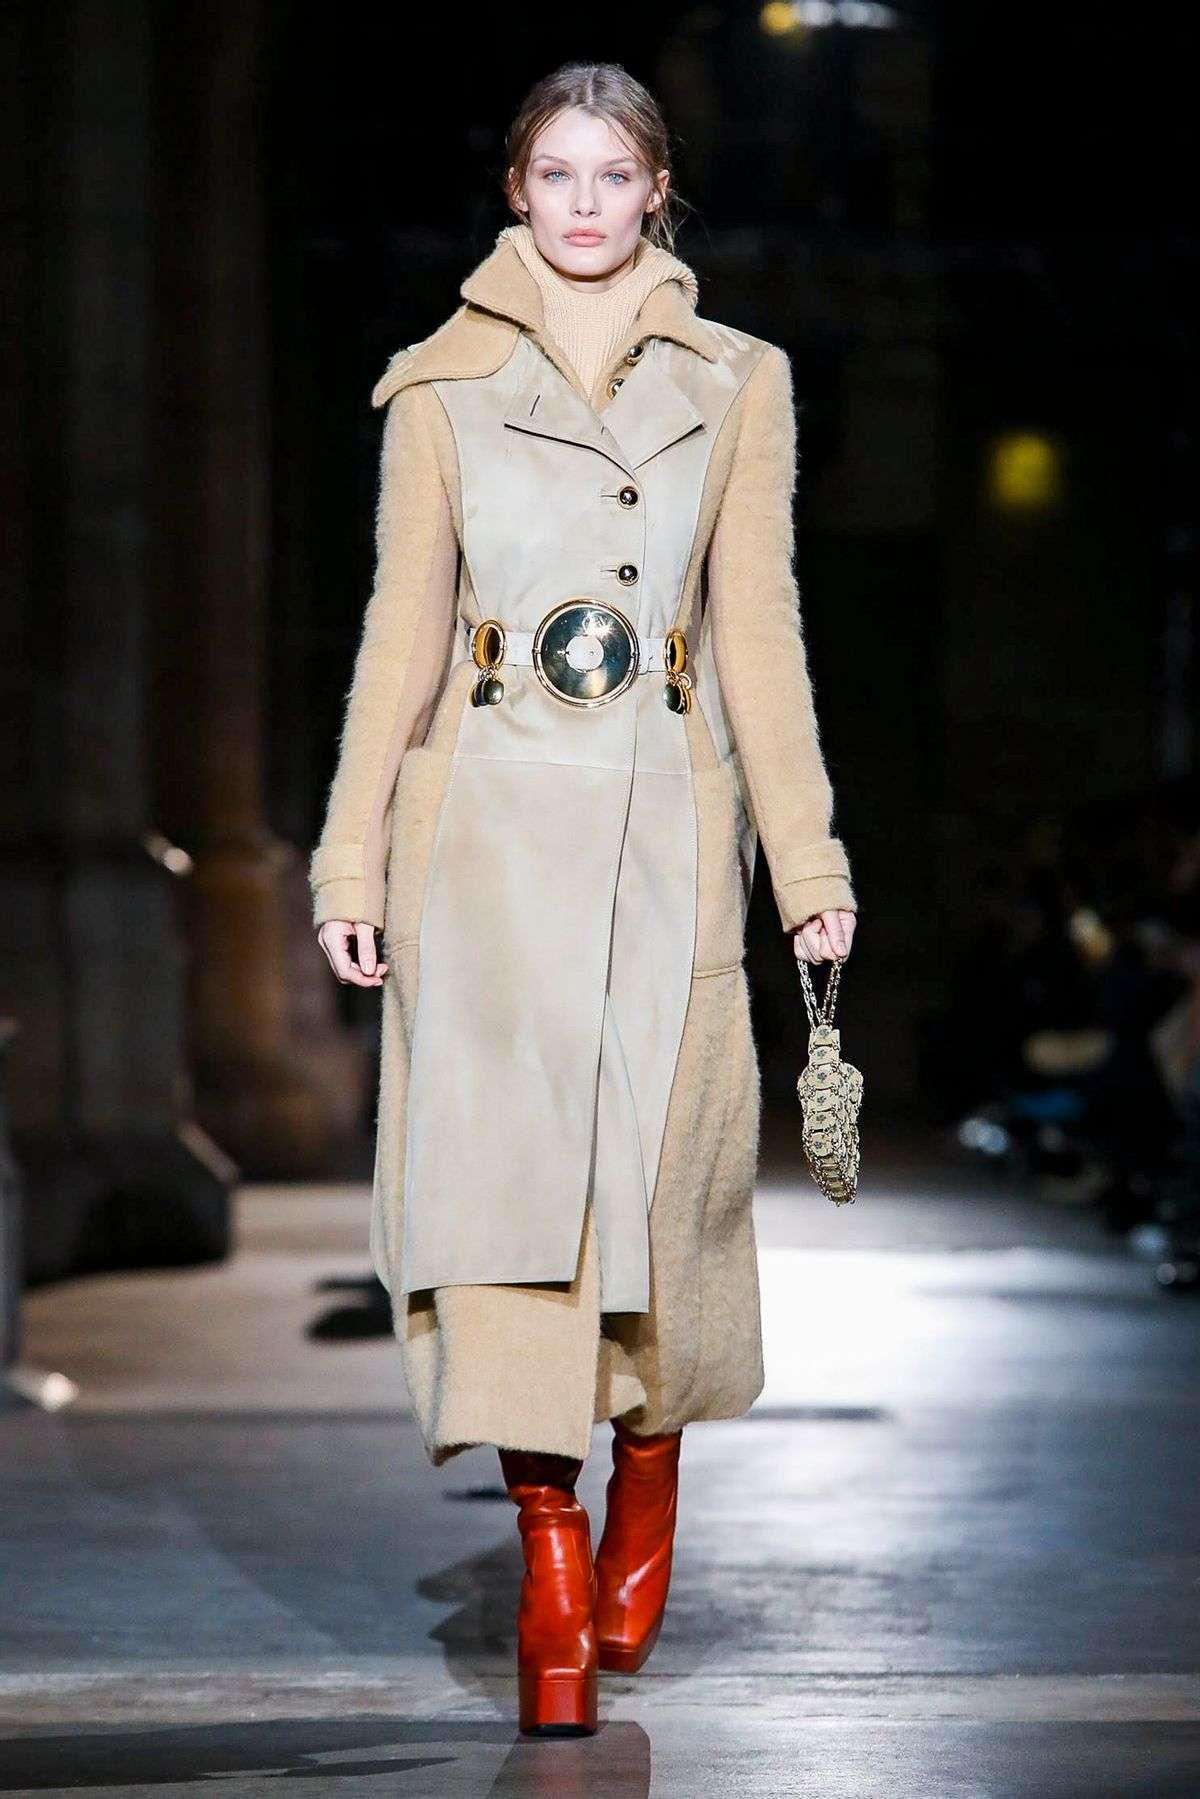 Paco Rabanne RTW FW20 70's inspired coat